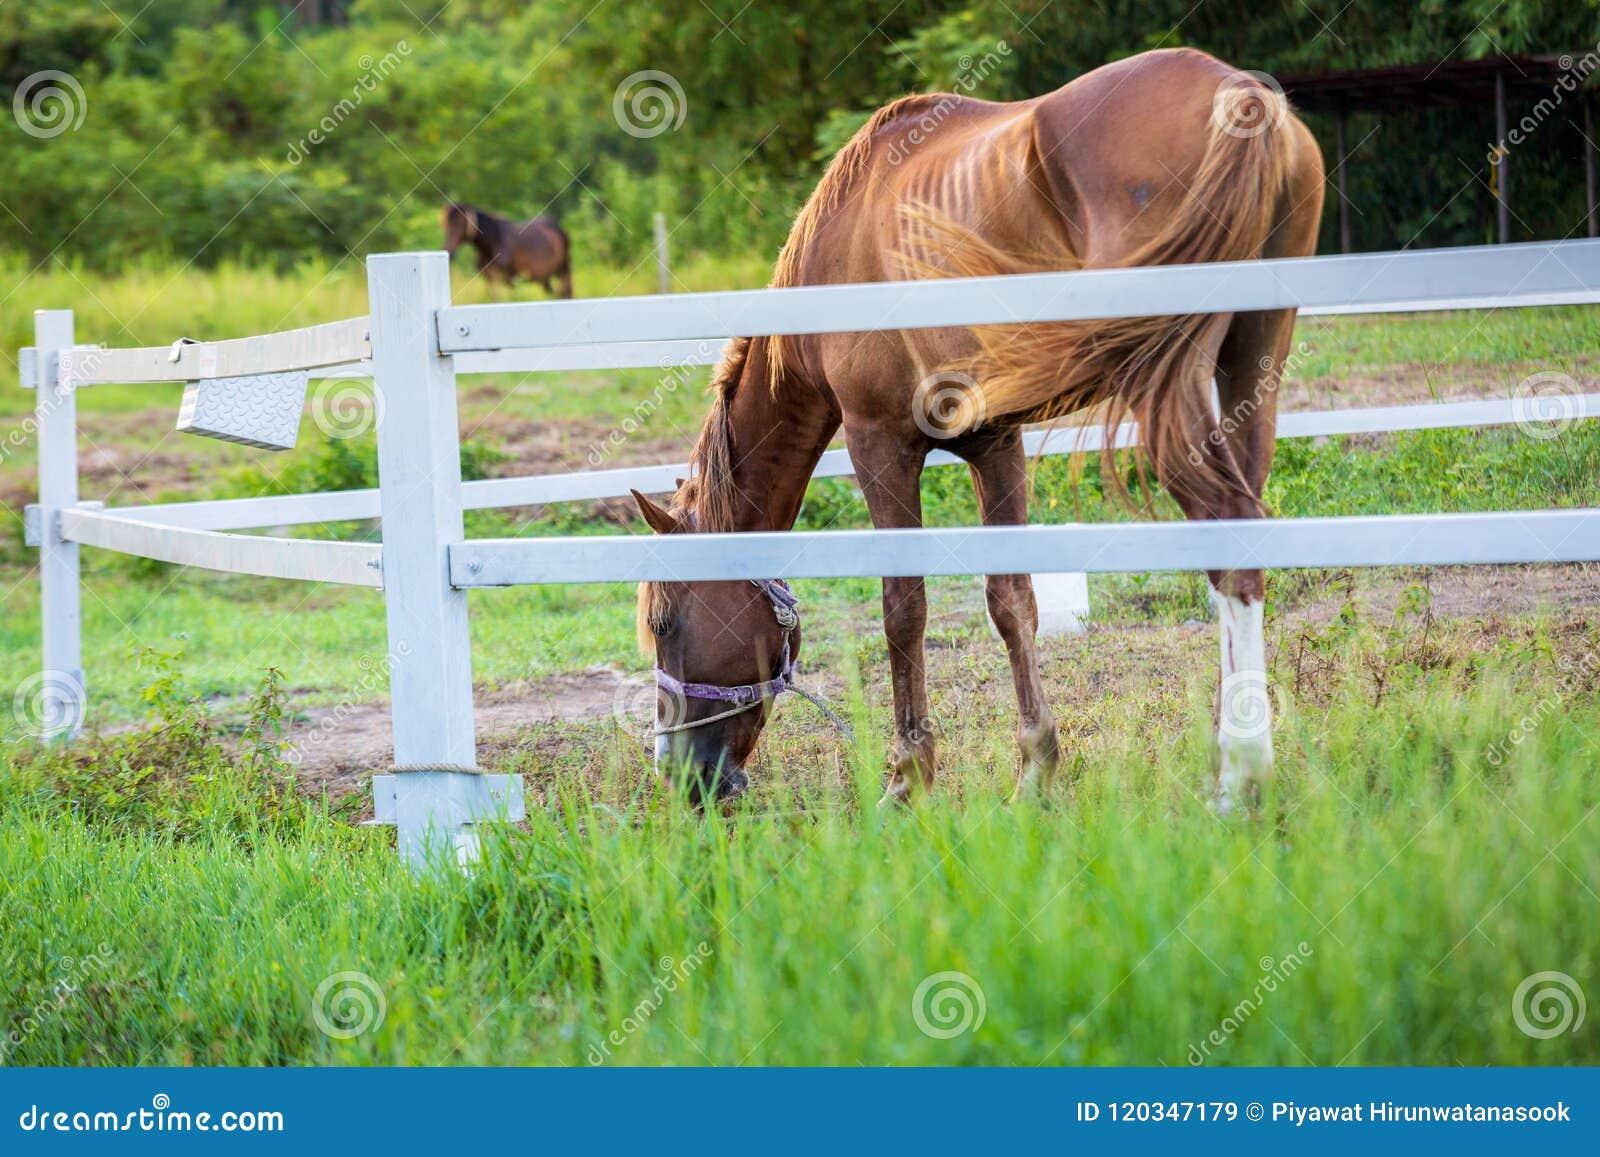 Τα άλογα θαμπάδων στο υπόβαθρο και οι χλόες με το πρωί δροσίζουν στο πρώτο πλάνο, πράσινο λιβάδι για τα άλογα με έναν σταύλο